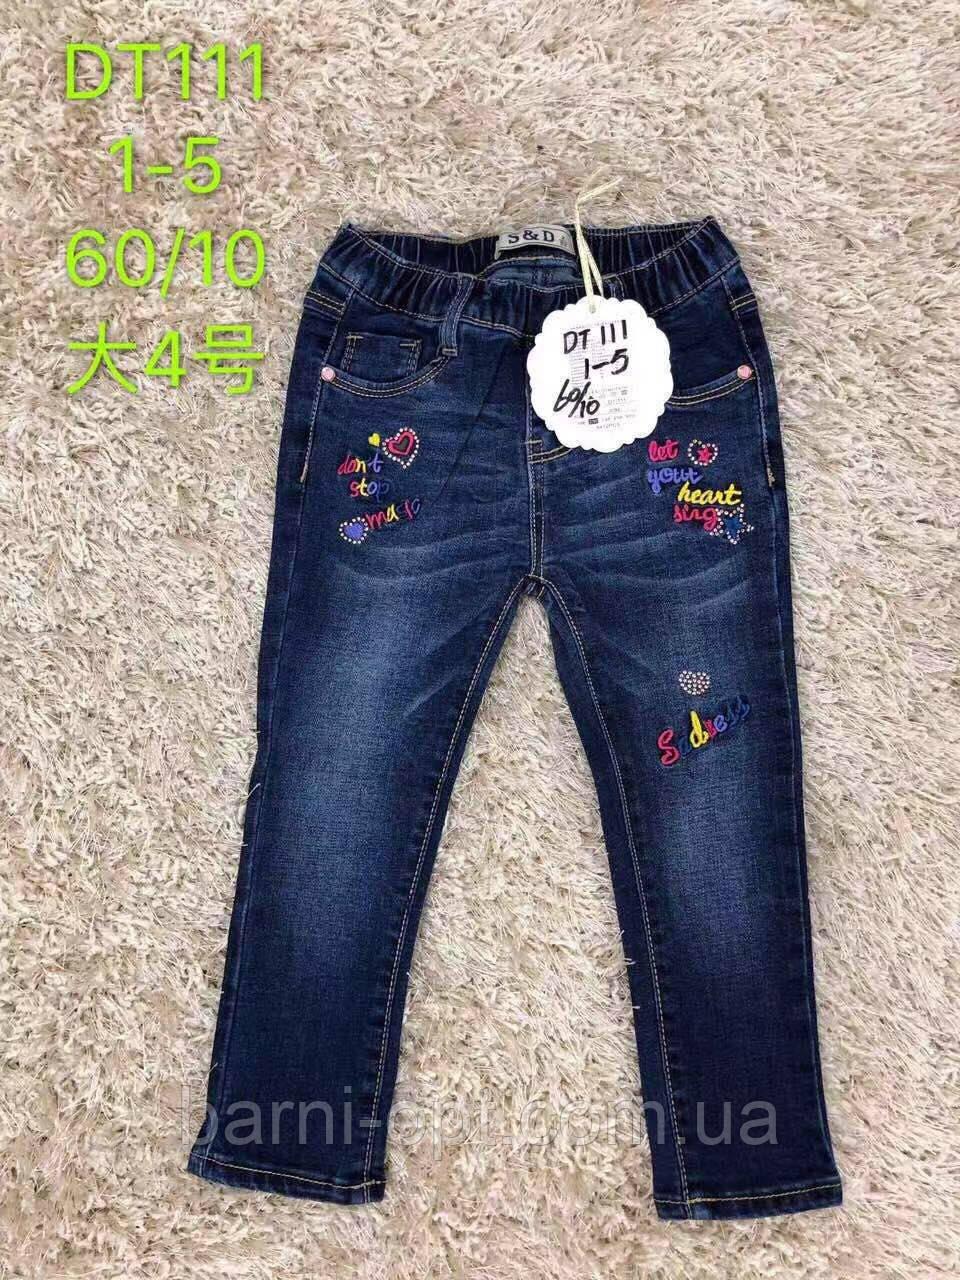 Джинсовые брюки на девочку , S&D, в наличии 1, 3 года